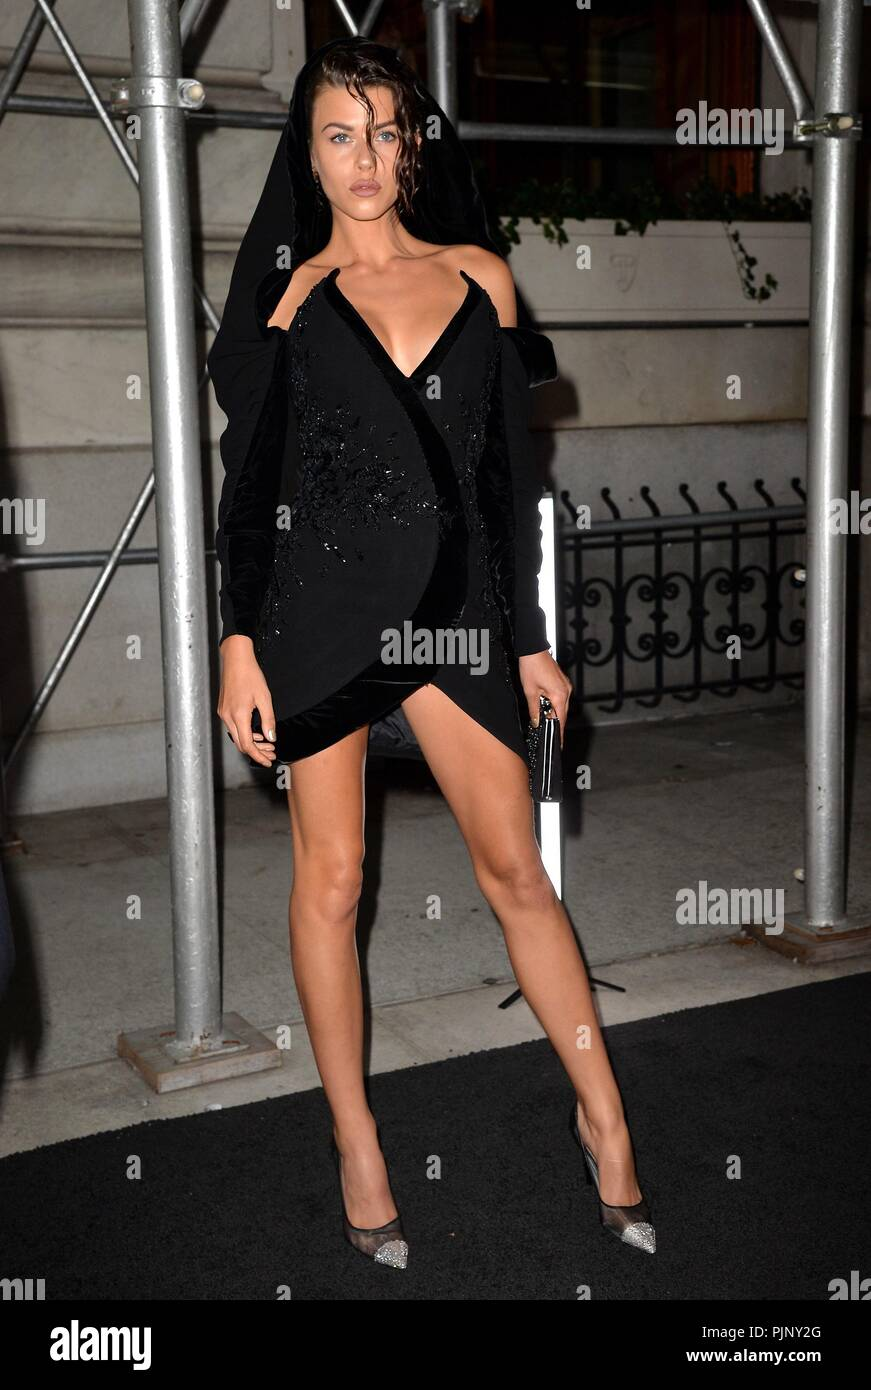 Leaked Charli XCX nude photos 2019